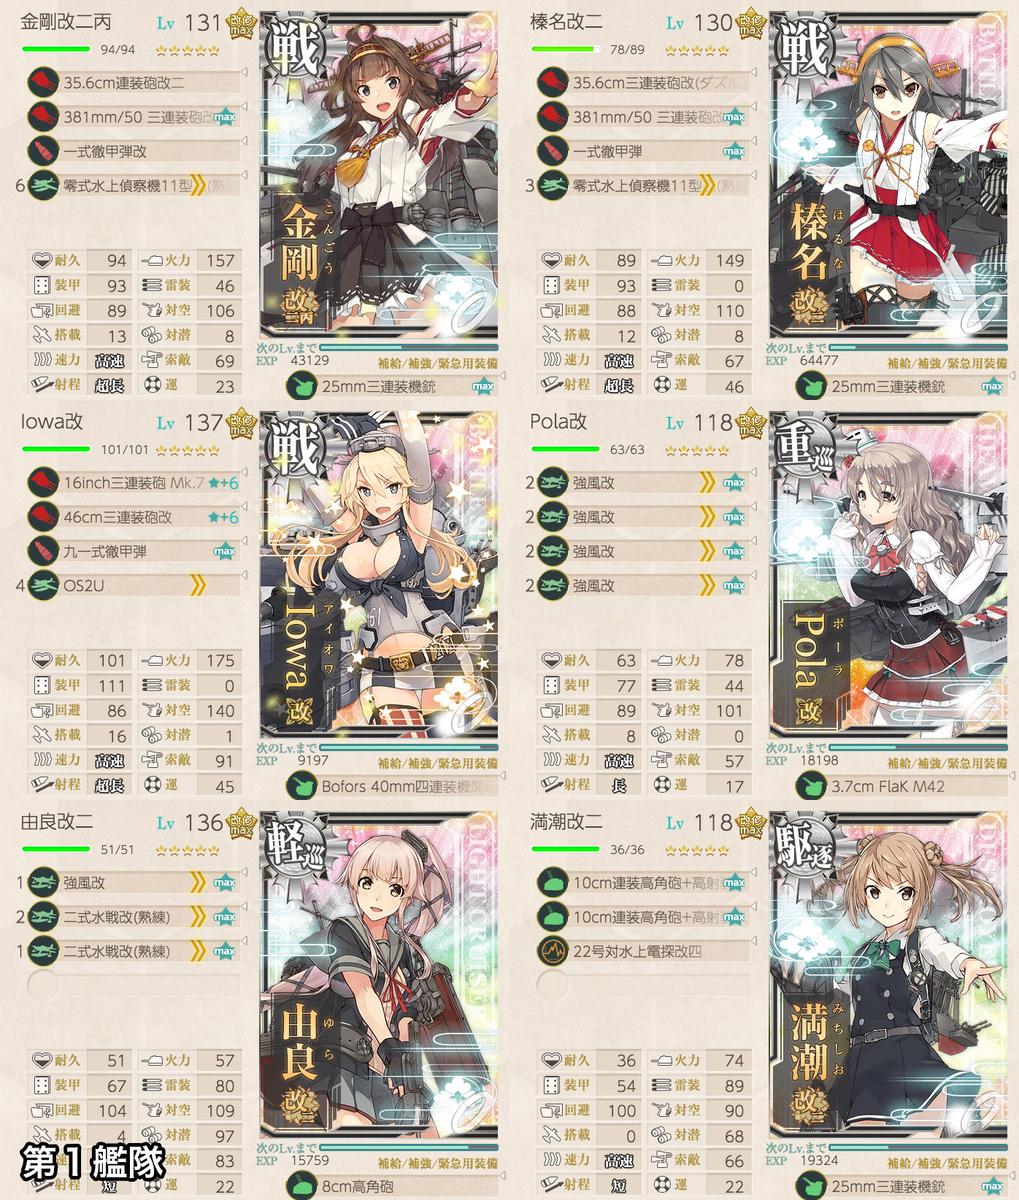 f:id:nameless_admiral:20200730183030j:plain